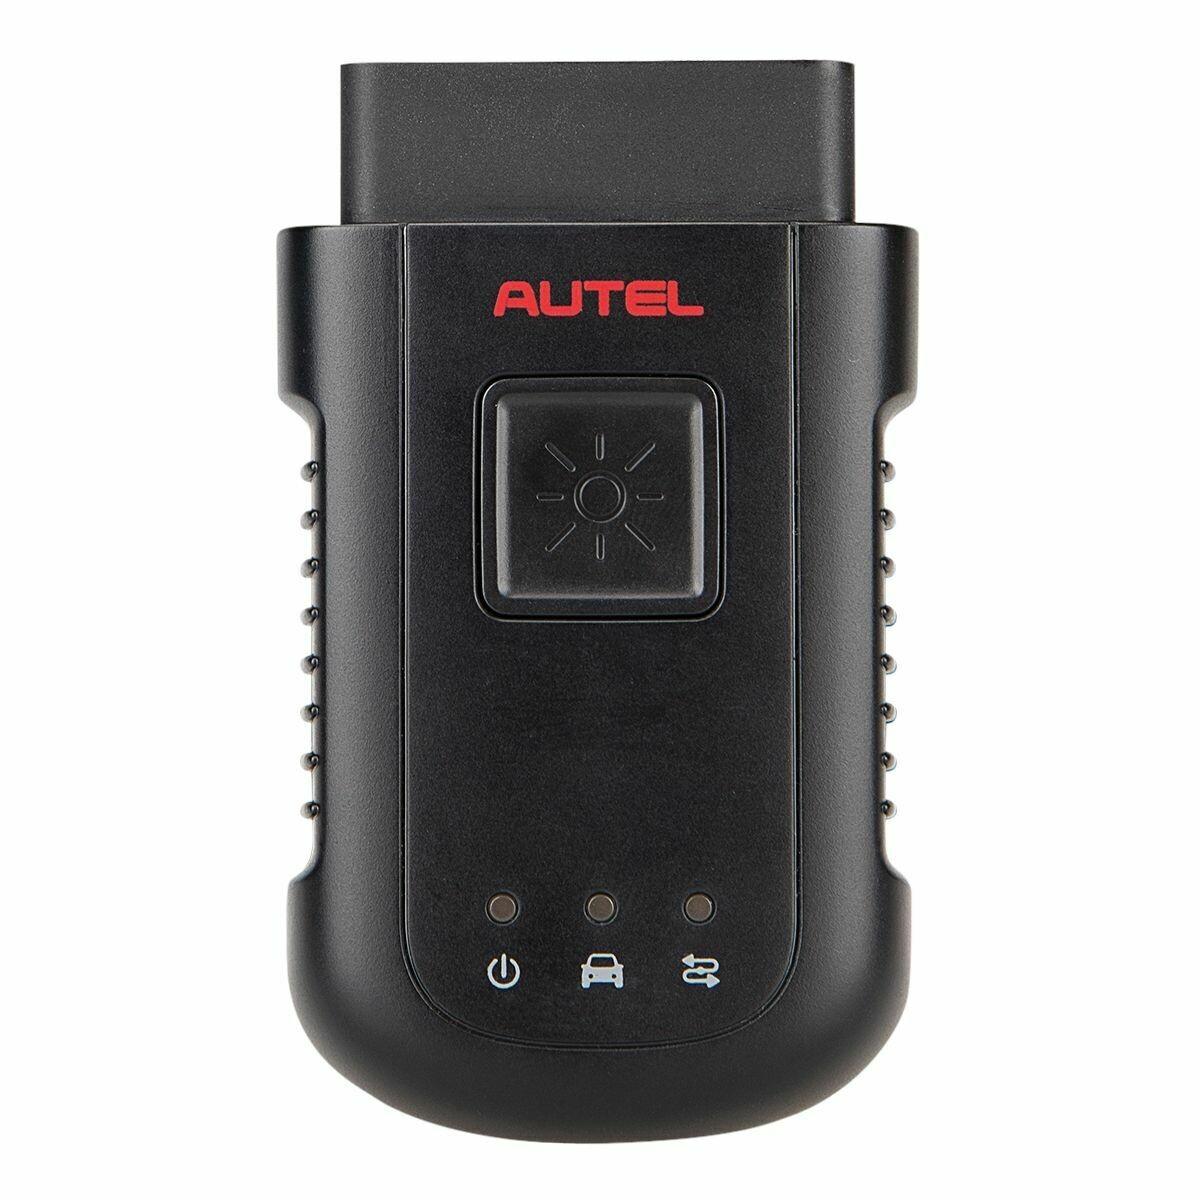 AUTEL VCI 100 Compact Bluetooth Vehicle Communication Interface  USA